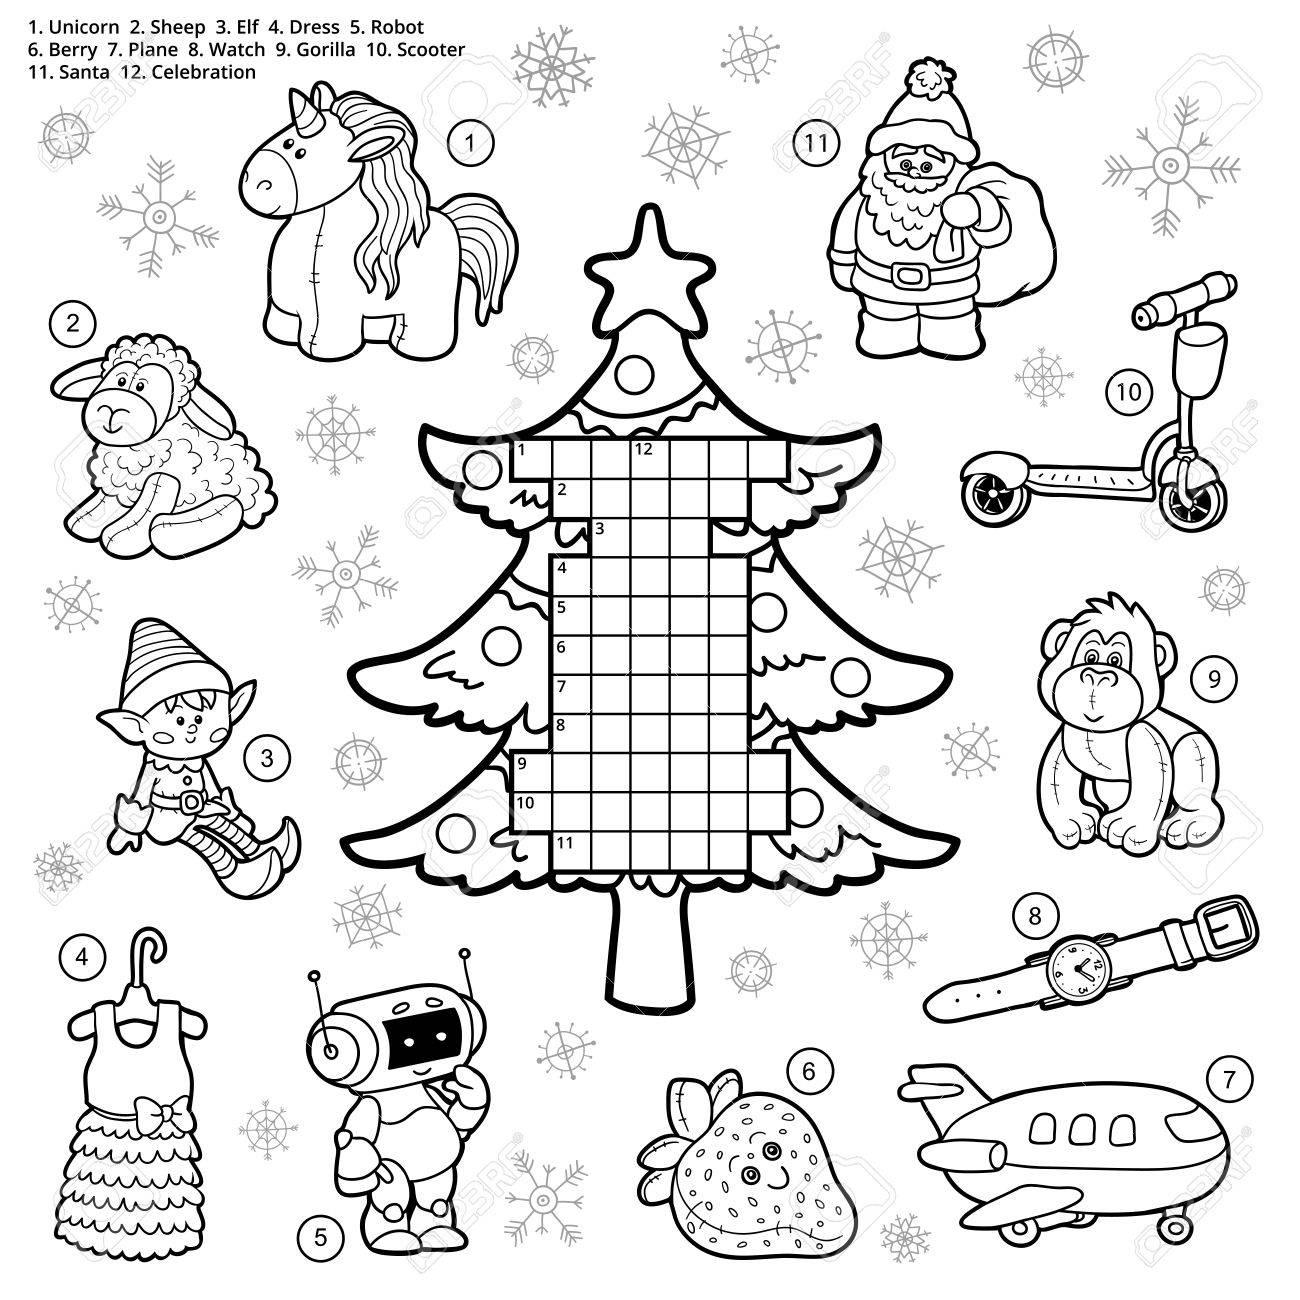 Vecteur De Mots Croisés, Jeu Éducatif Pour Les Enfants Sur Les Cadeaux De  Noël Et Des Cadeaux destiné Mots Croisés Noel